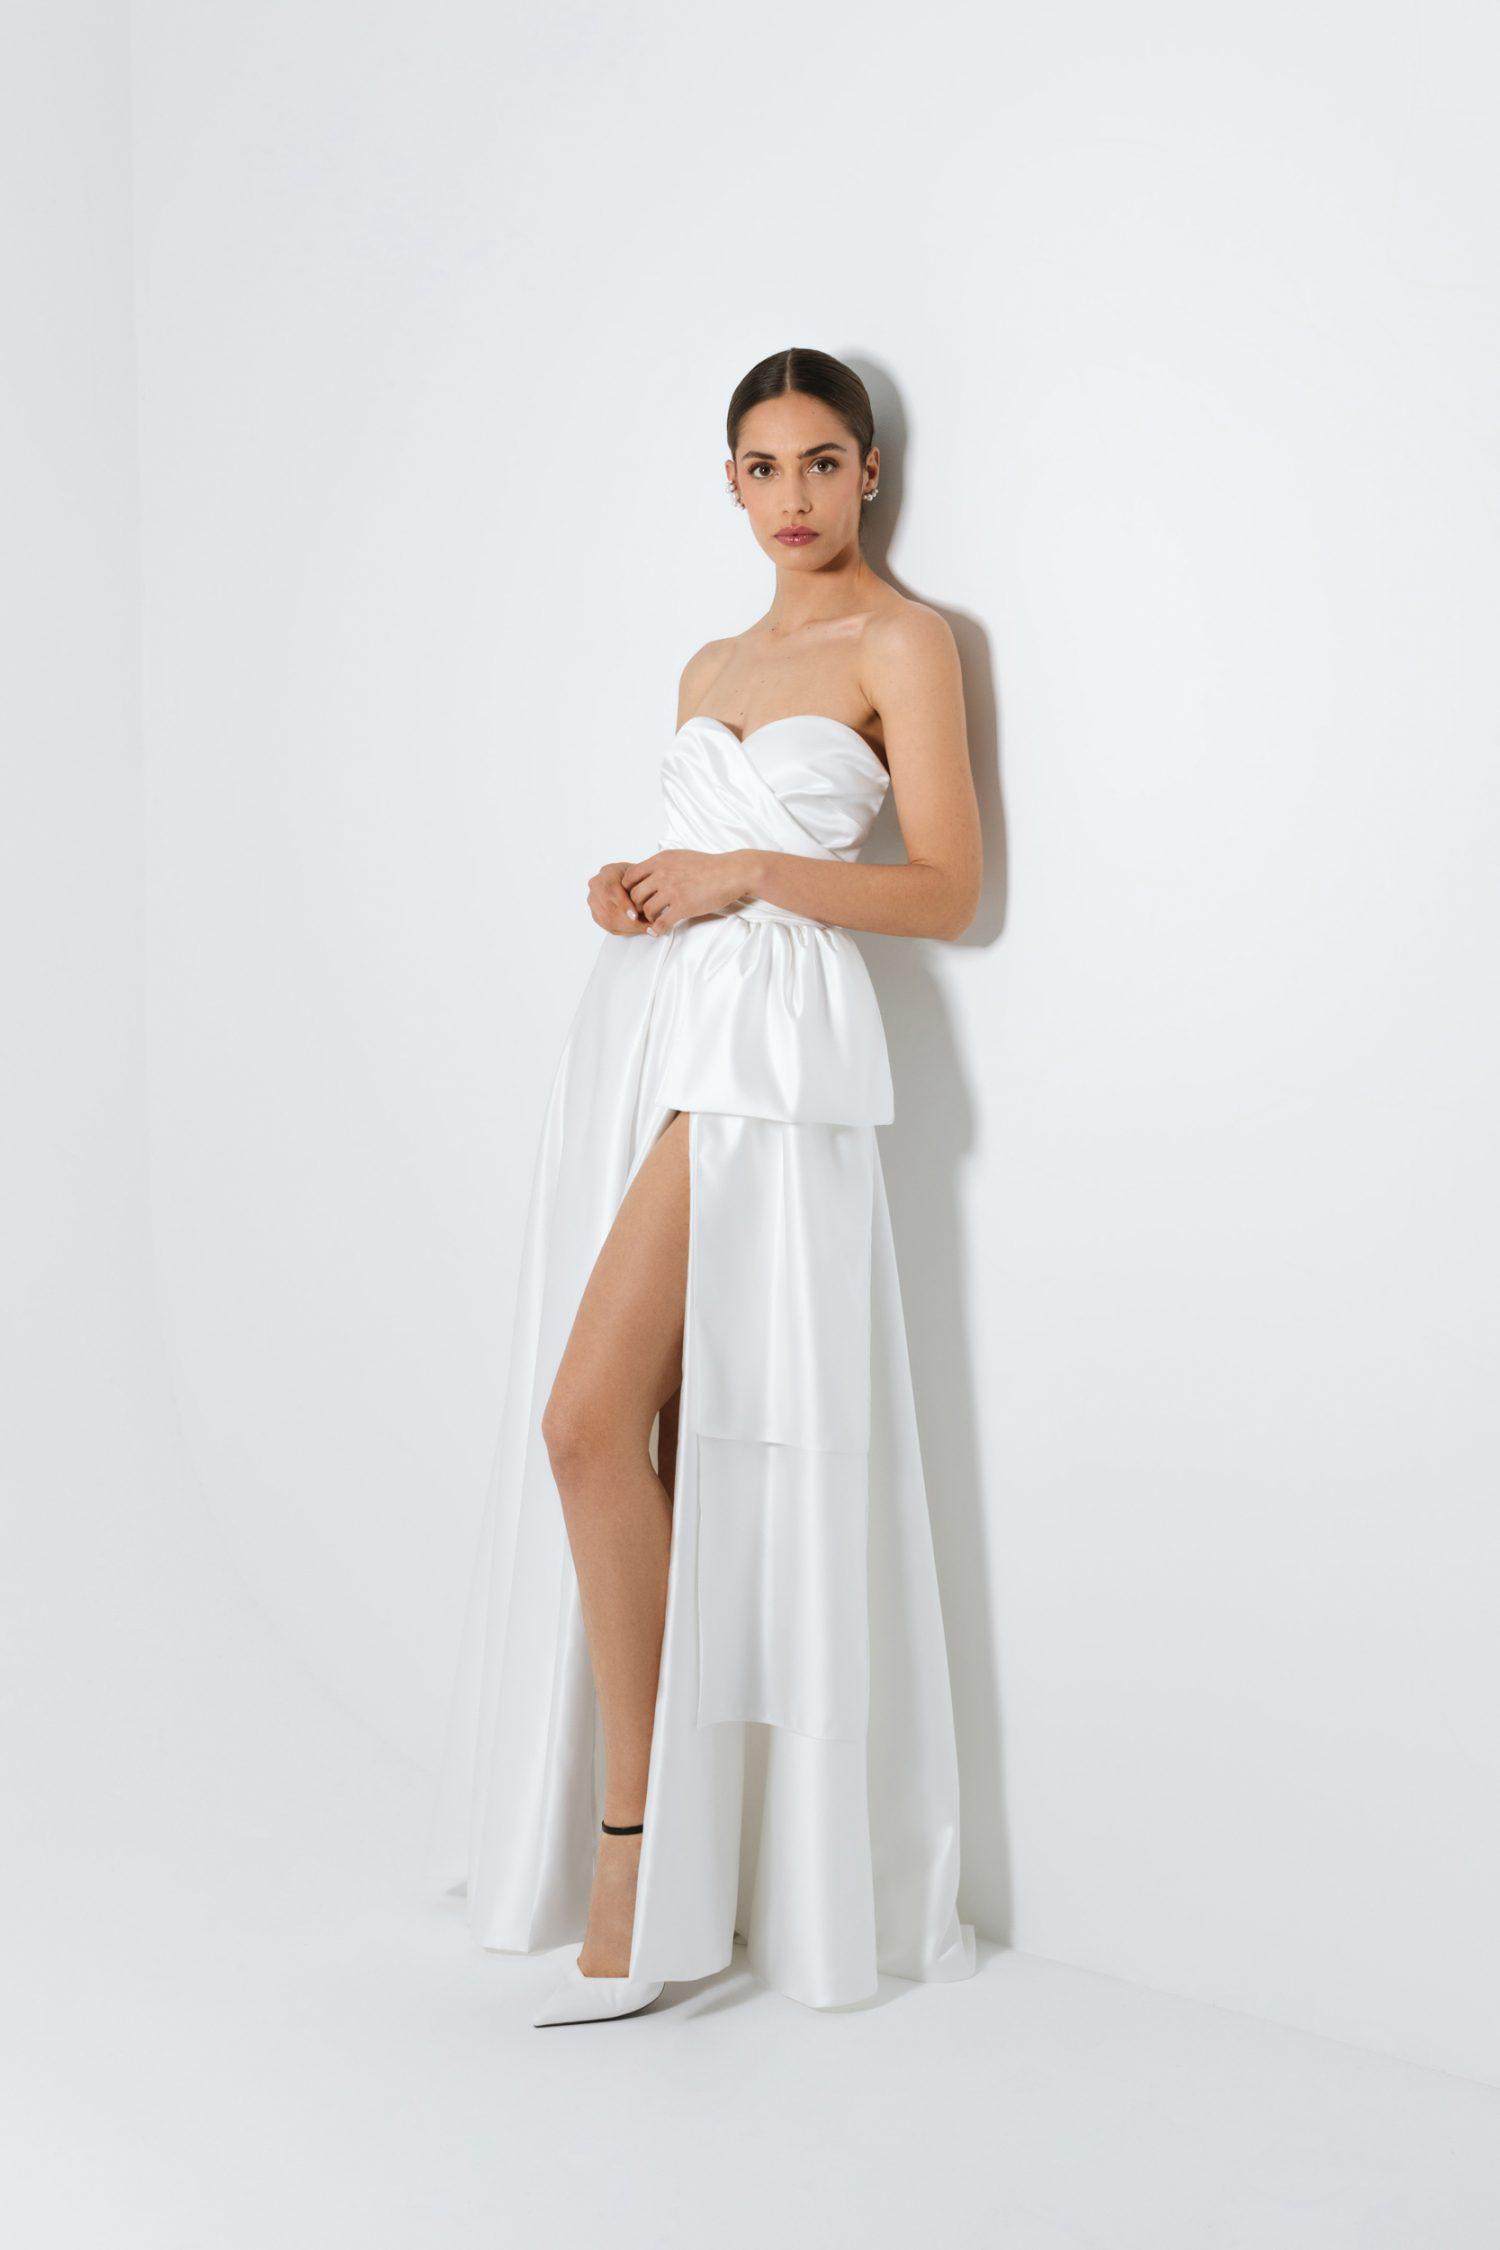 Vestido de noiva branco com corte princesa, com decote coração e laço.